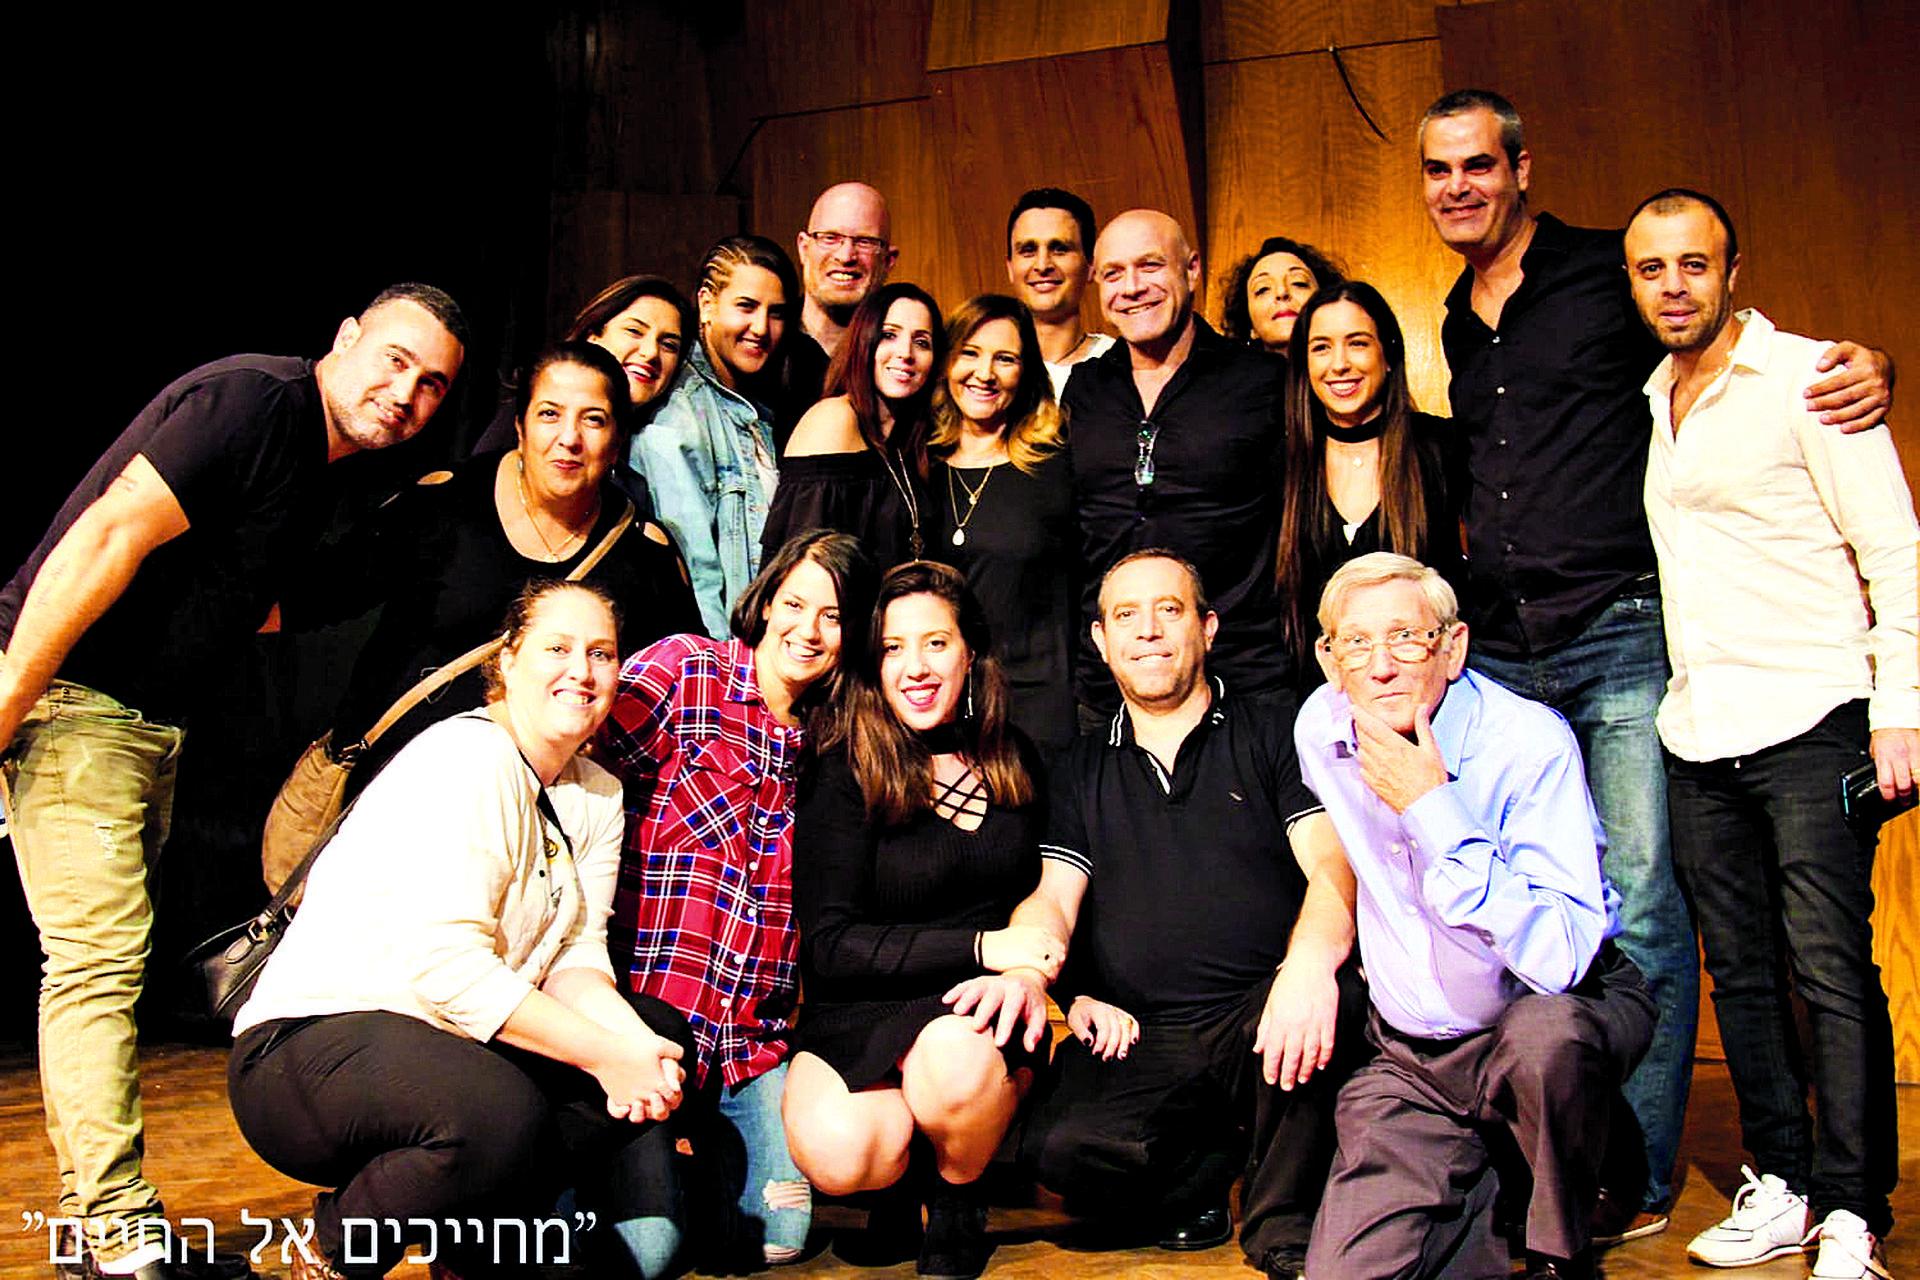 אסייג (במרכז) באירוע של העמותה | צילום פרטי